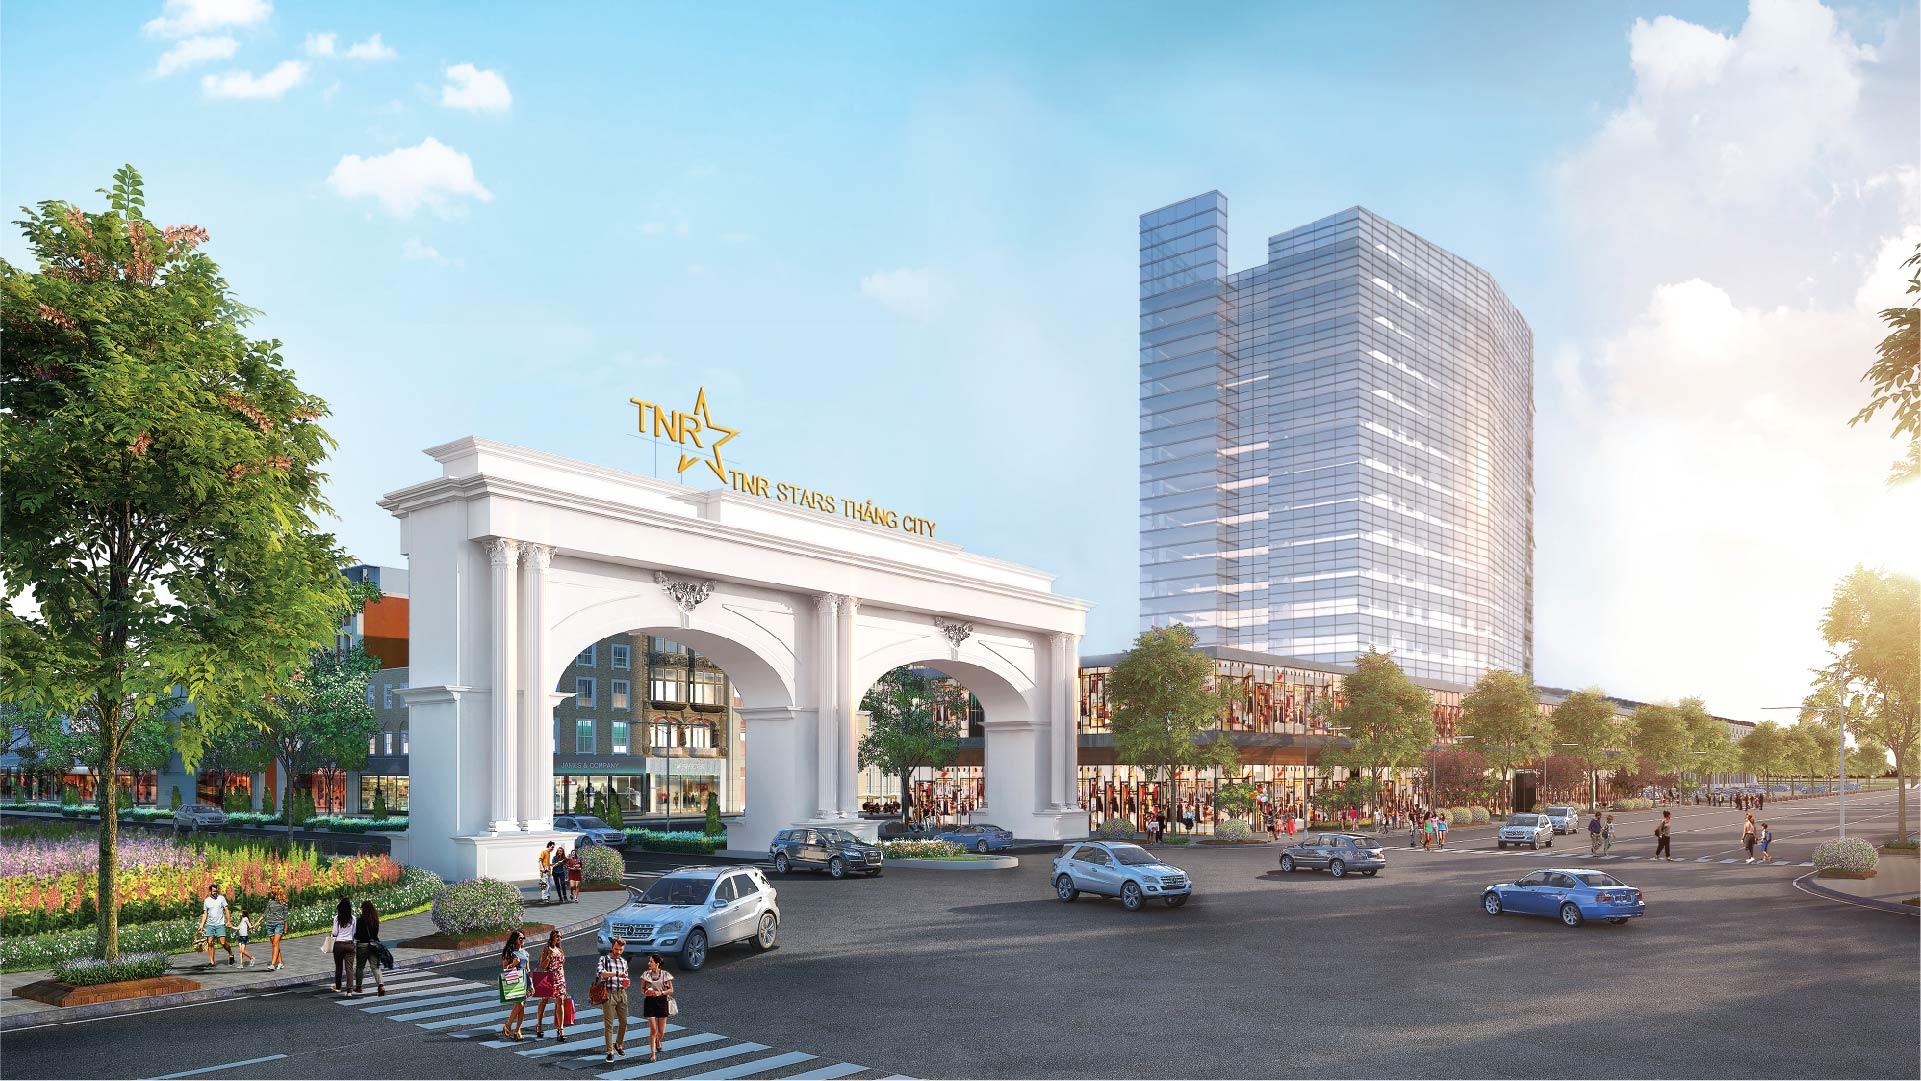 cổng chào dự án tnr stars thắng city